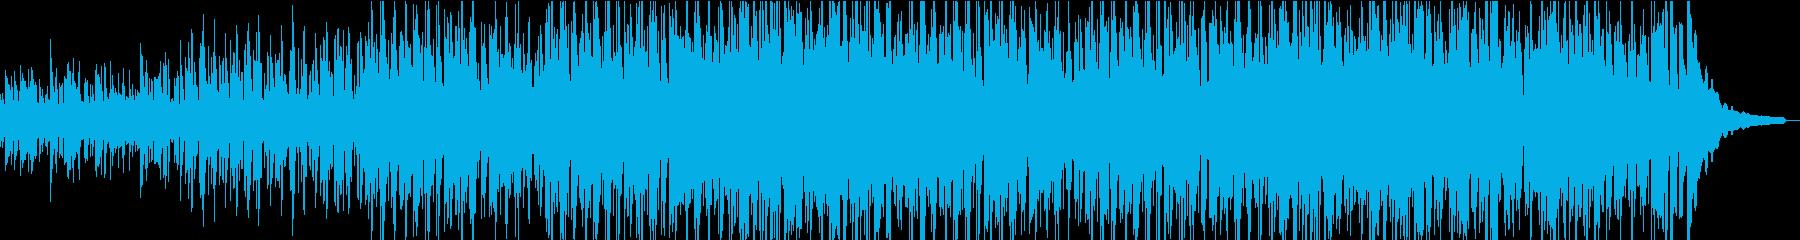 かなりアップテンポでありながら、そ...の再生済みの波形